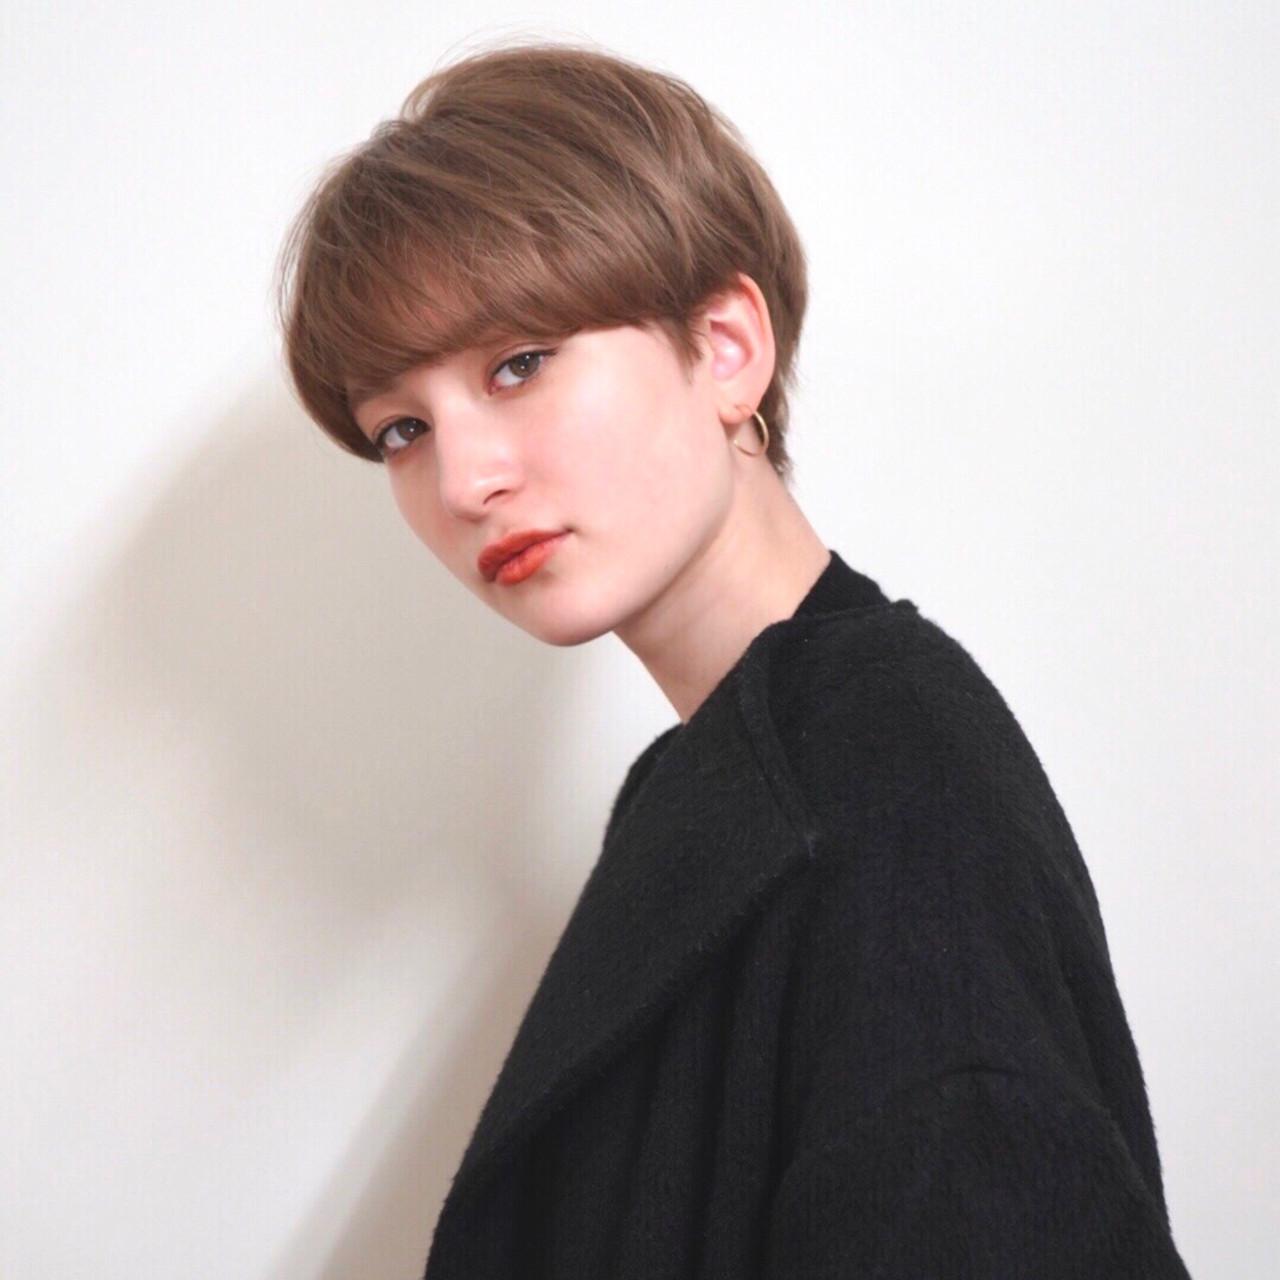 ナチュラル ヘアアレンジ デート アウトドア ヘアスタイルや髪型の写真・画像 | お洒落ショート とかじしょうた GARDEN / NEUTRAL by GARDEN